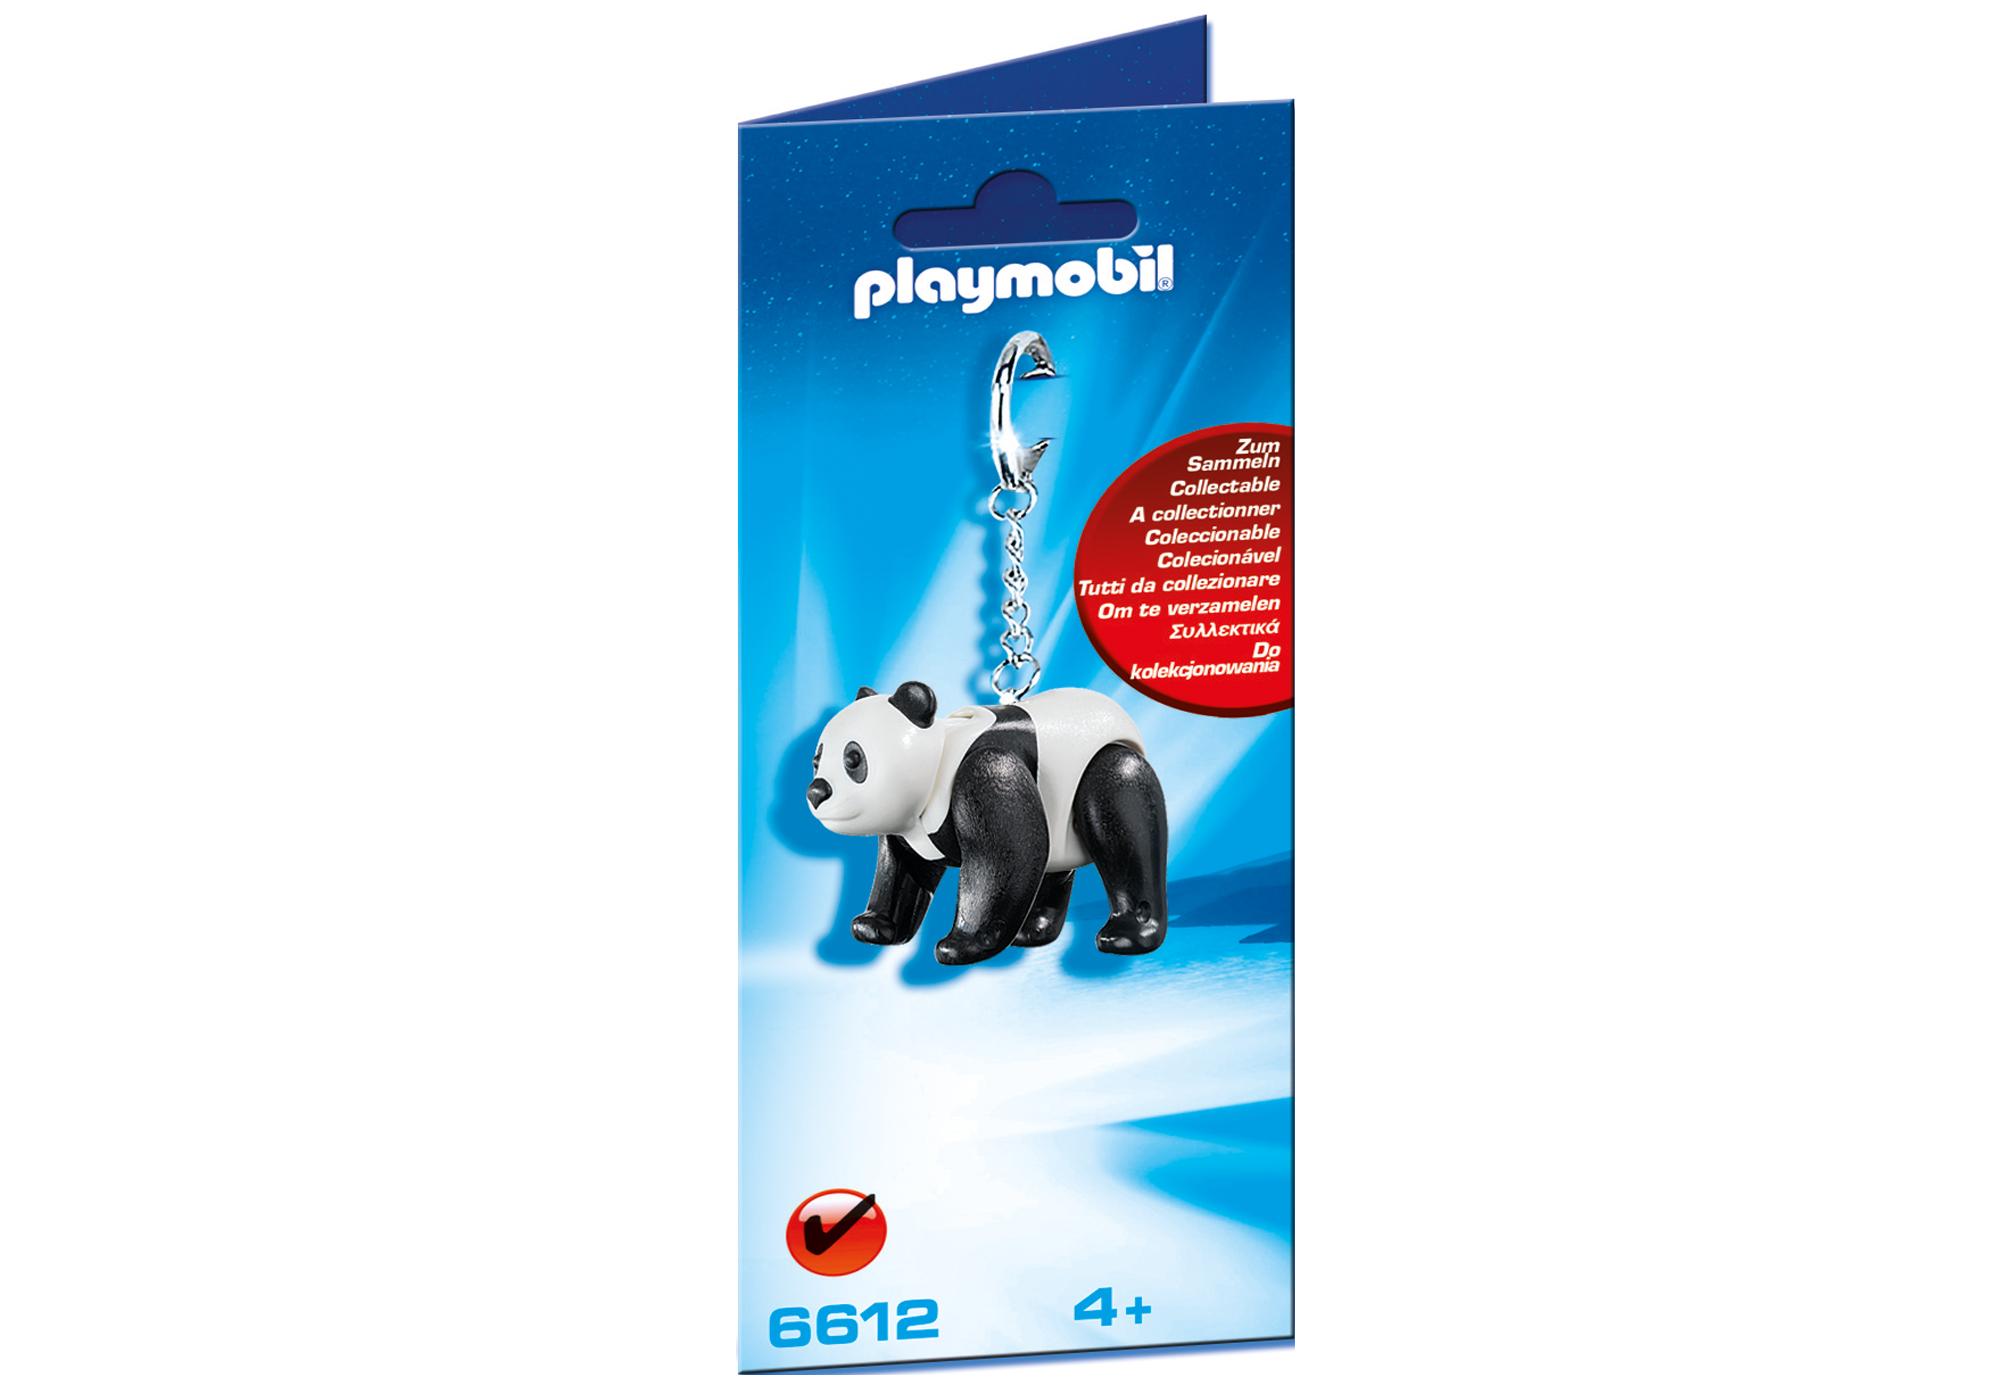 http://media.playmobil.com/i/playmobil/6612_product_box_front/Schlüsselanhänger Panda